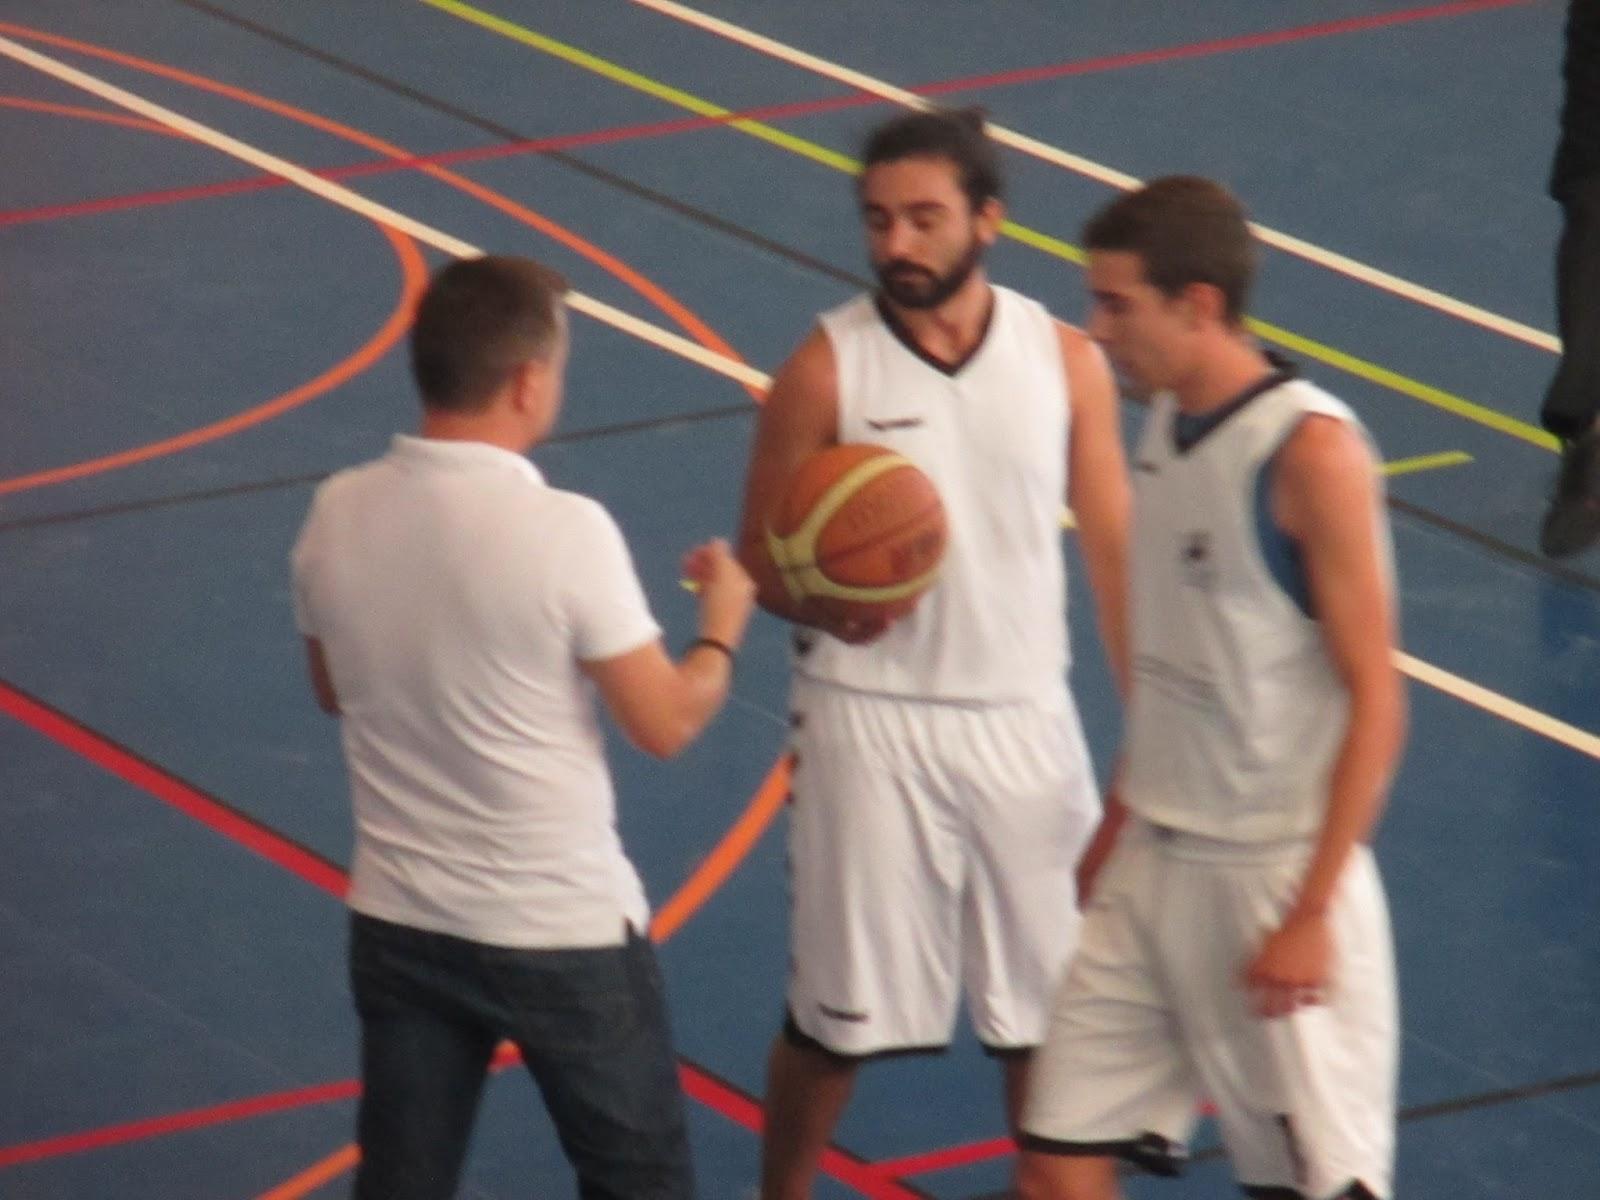 Basket fern n n ez informaci n nuestra particular for Espejo publico hoy completo